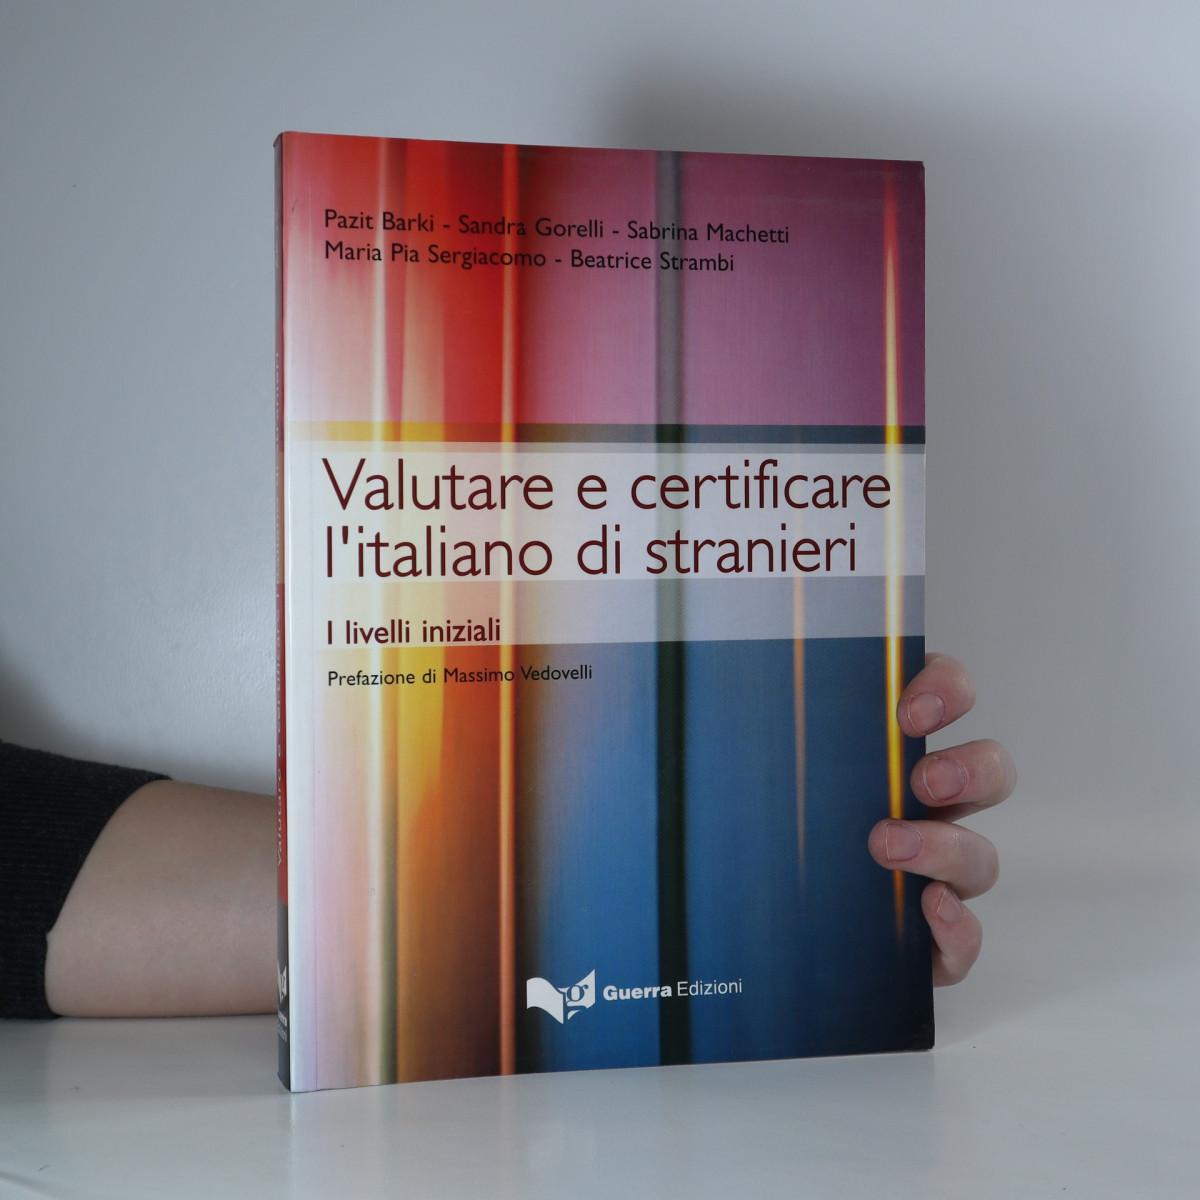 antikvární kniha Valutare e certificare l'italiano di stranieri : i livelli iniziali, 2003